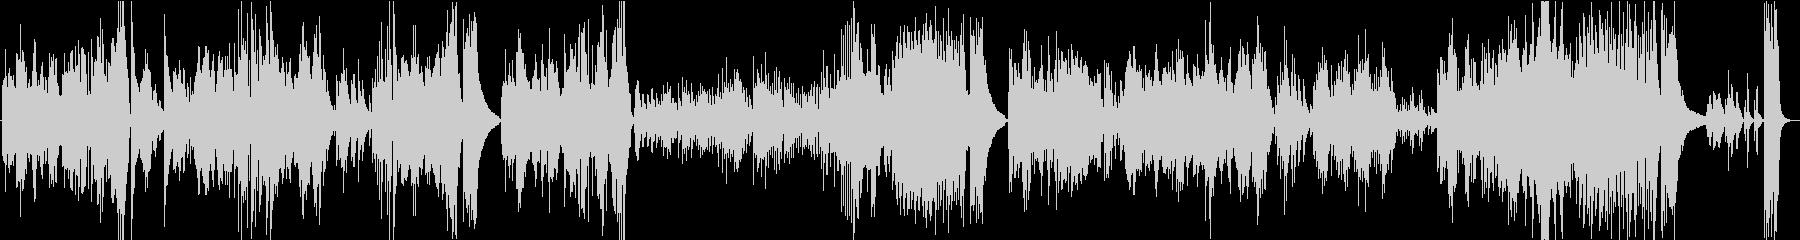 ベートーベンピアノソナタ第8番悲愴第3楽の未再生の波形